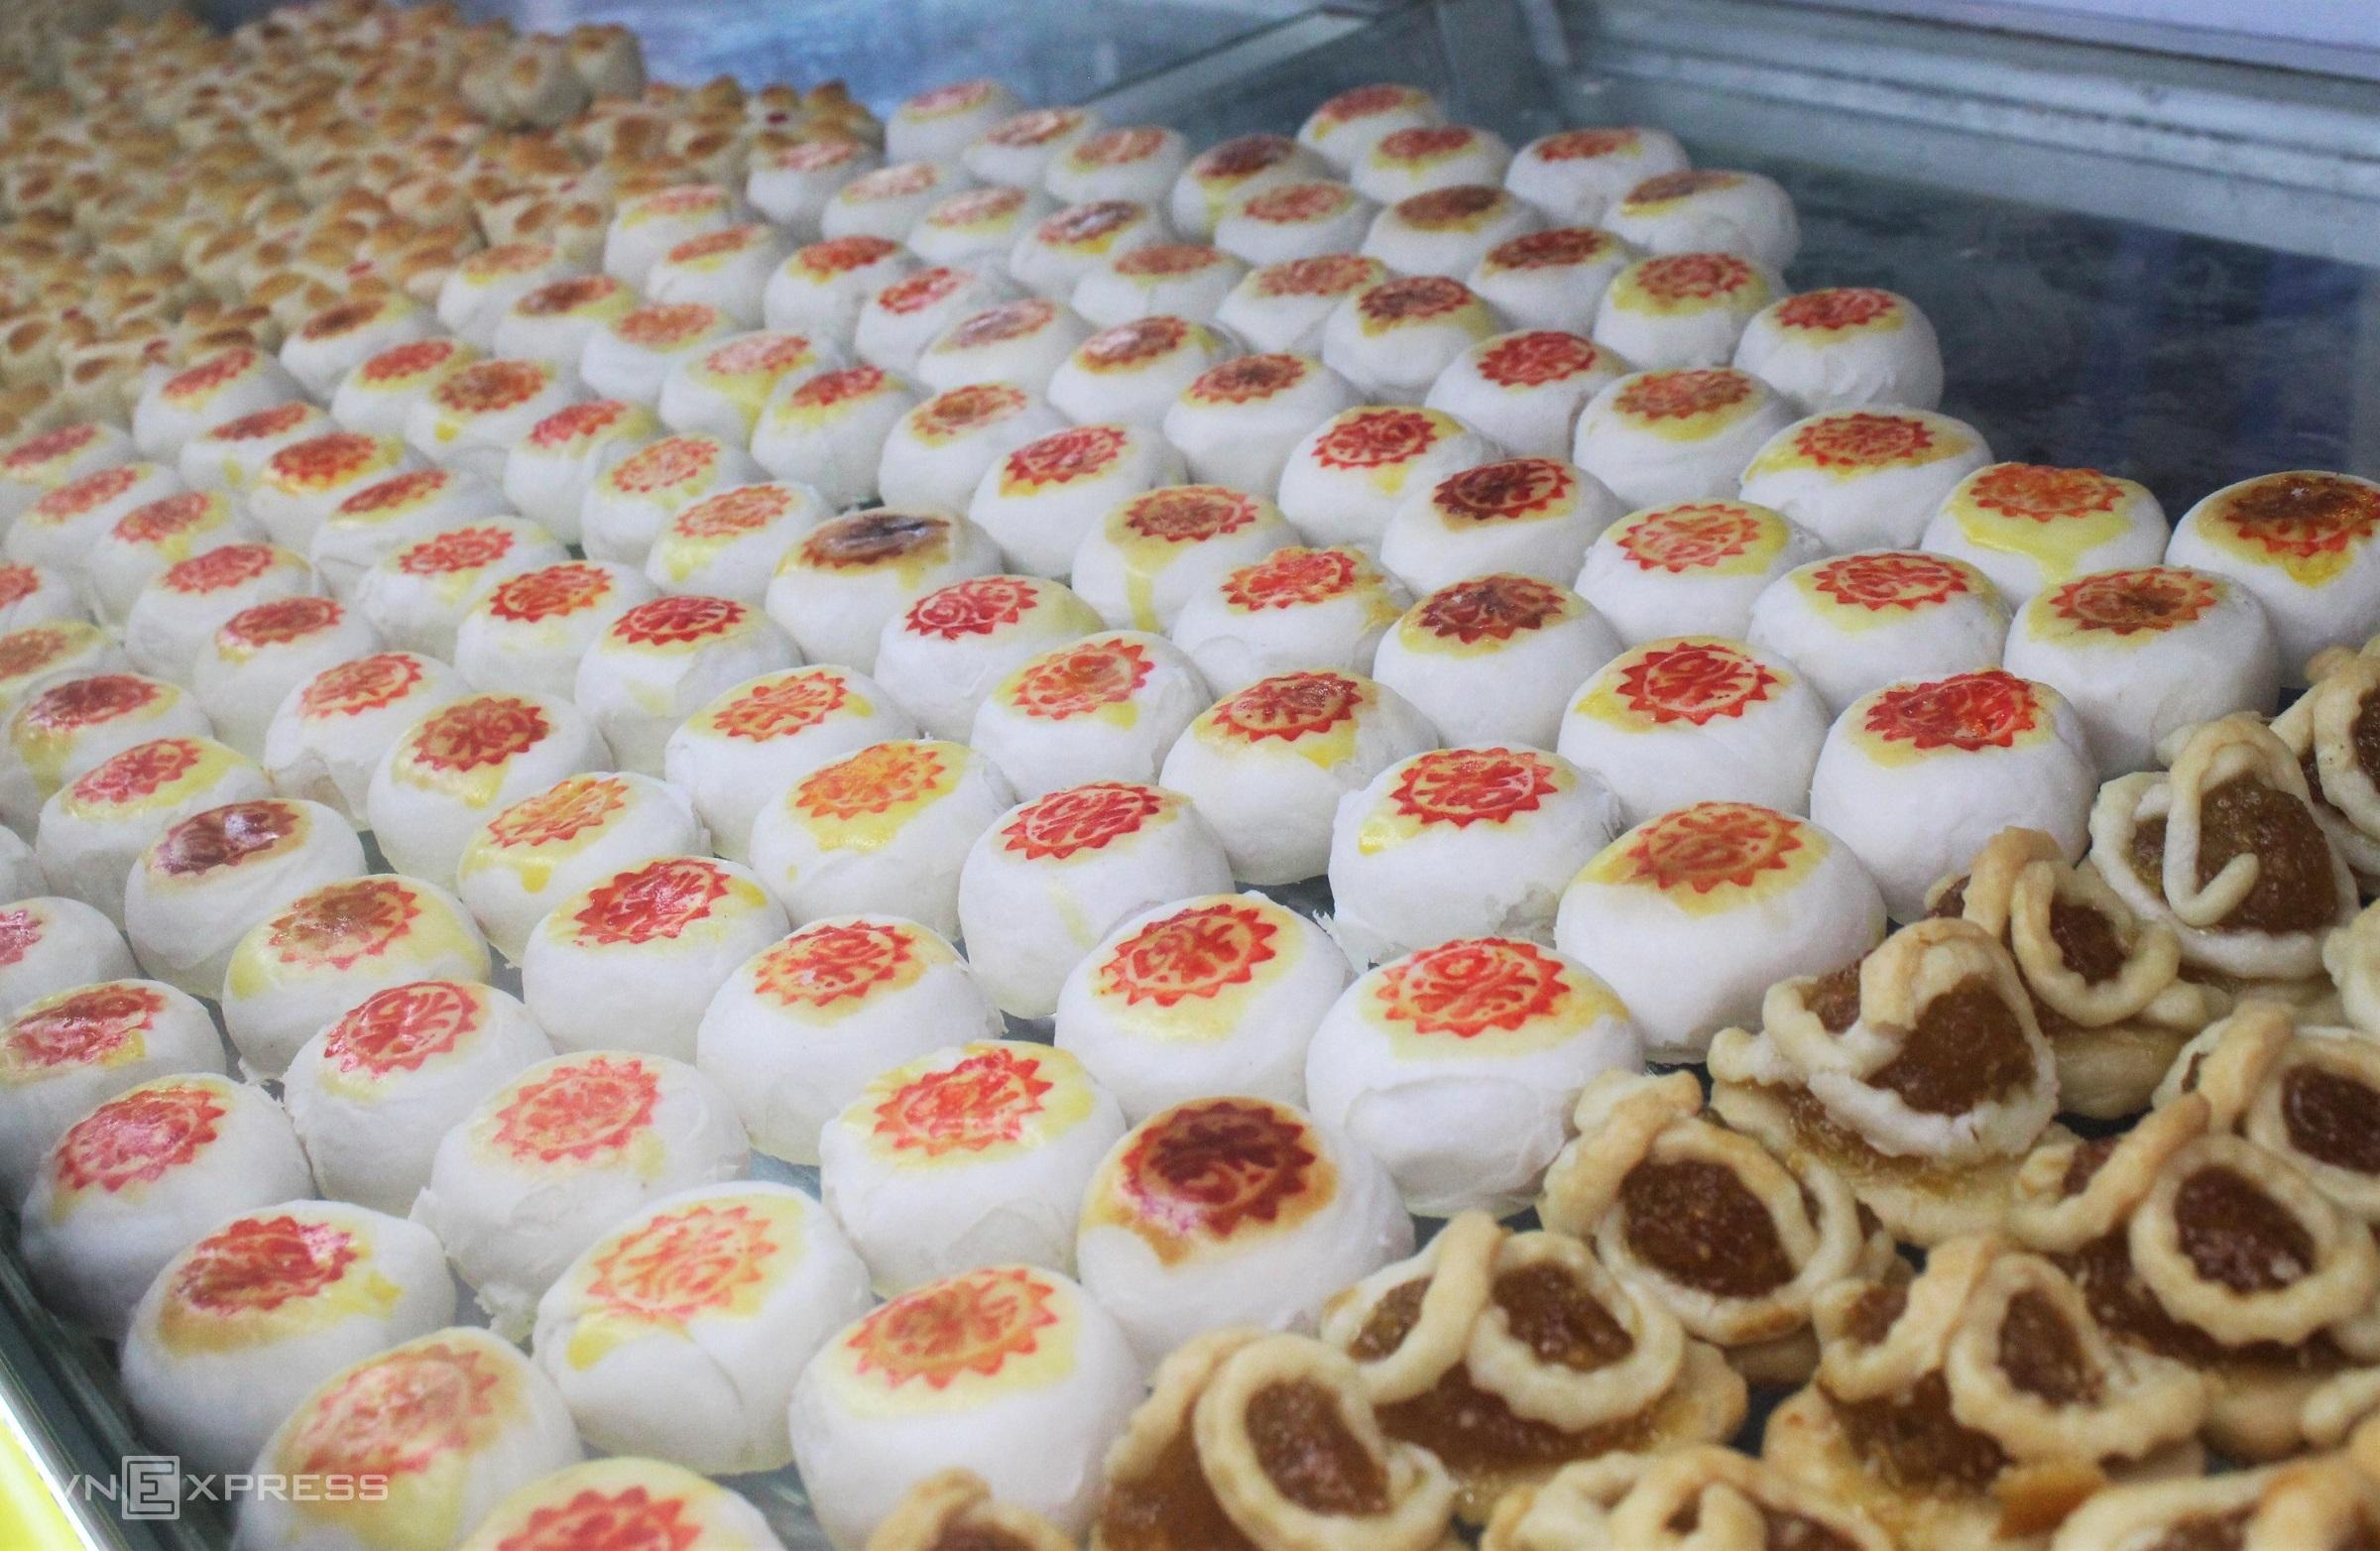 Bánh khéo nhỏ nhắn được làm từ bột mì với đủ hình dáng và các loại nhân như dừa, khoai môn, đậu xanh... Món bánh không chỉ gây thích mắt với du khách mà còn ít béo, ngọt thanh, dễ ăn với giá từ 30.000 đến 60.000 đồng/phần.